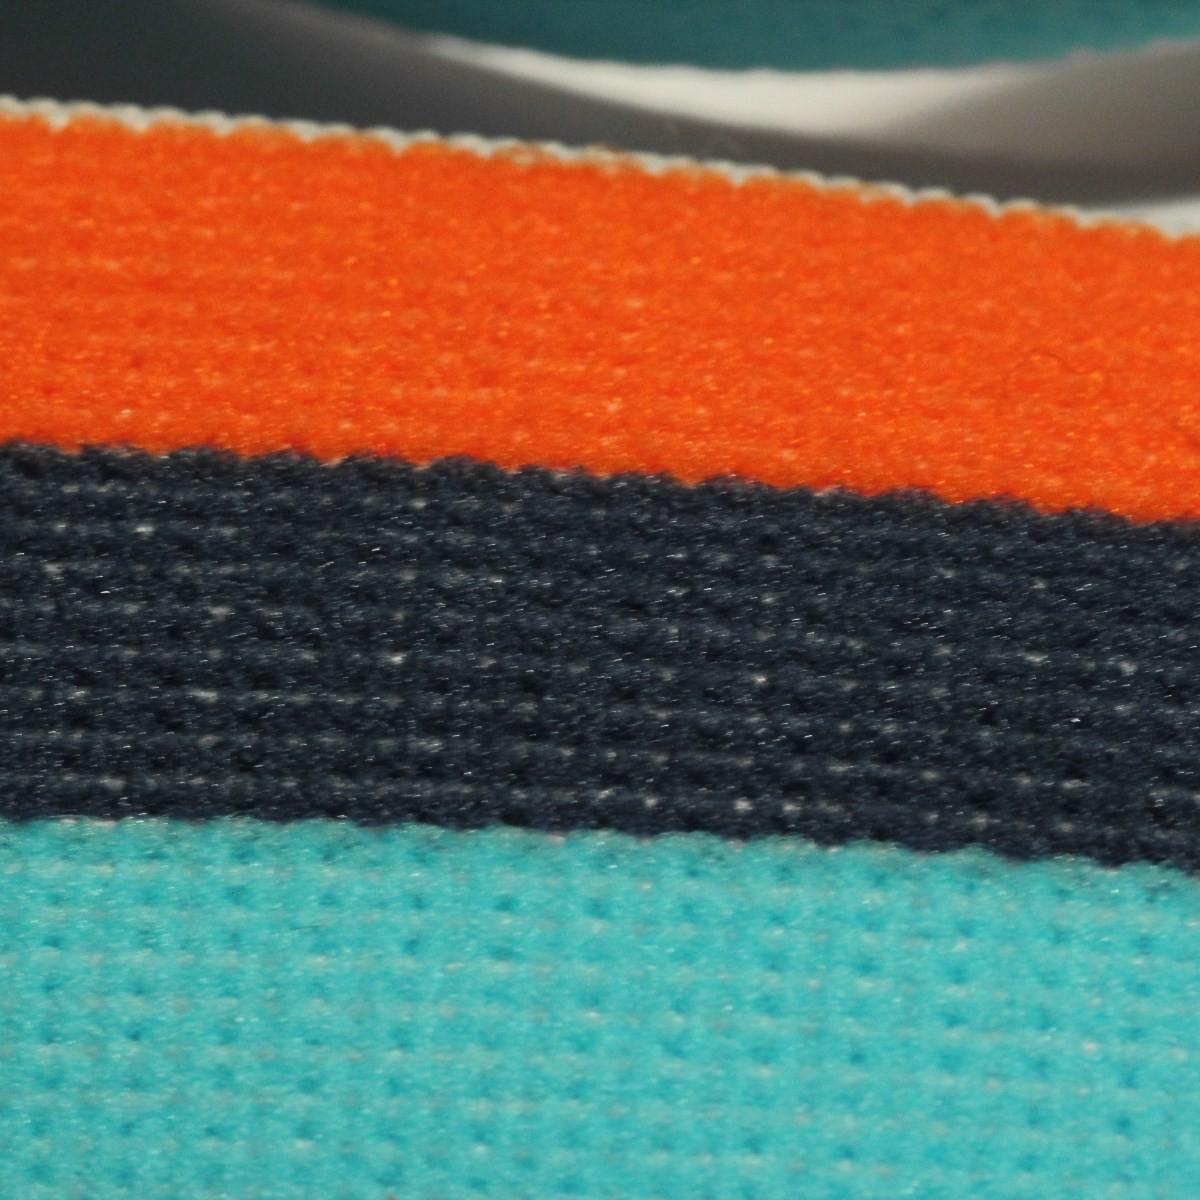 ad779bed9417 Mercerie - Bobine de 25 m d élastique 30 mm coloré bleu ciel, bleu marine et  orange